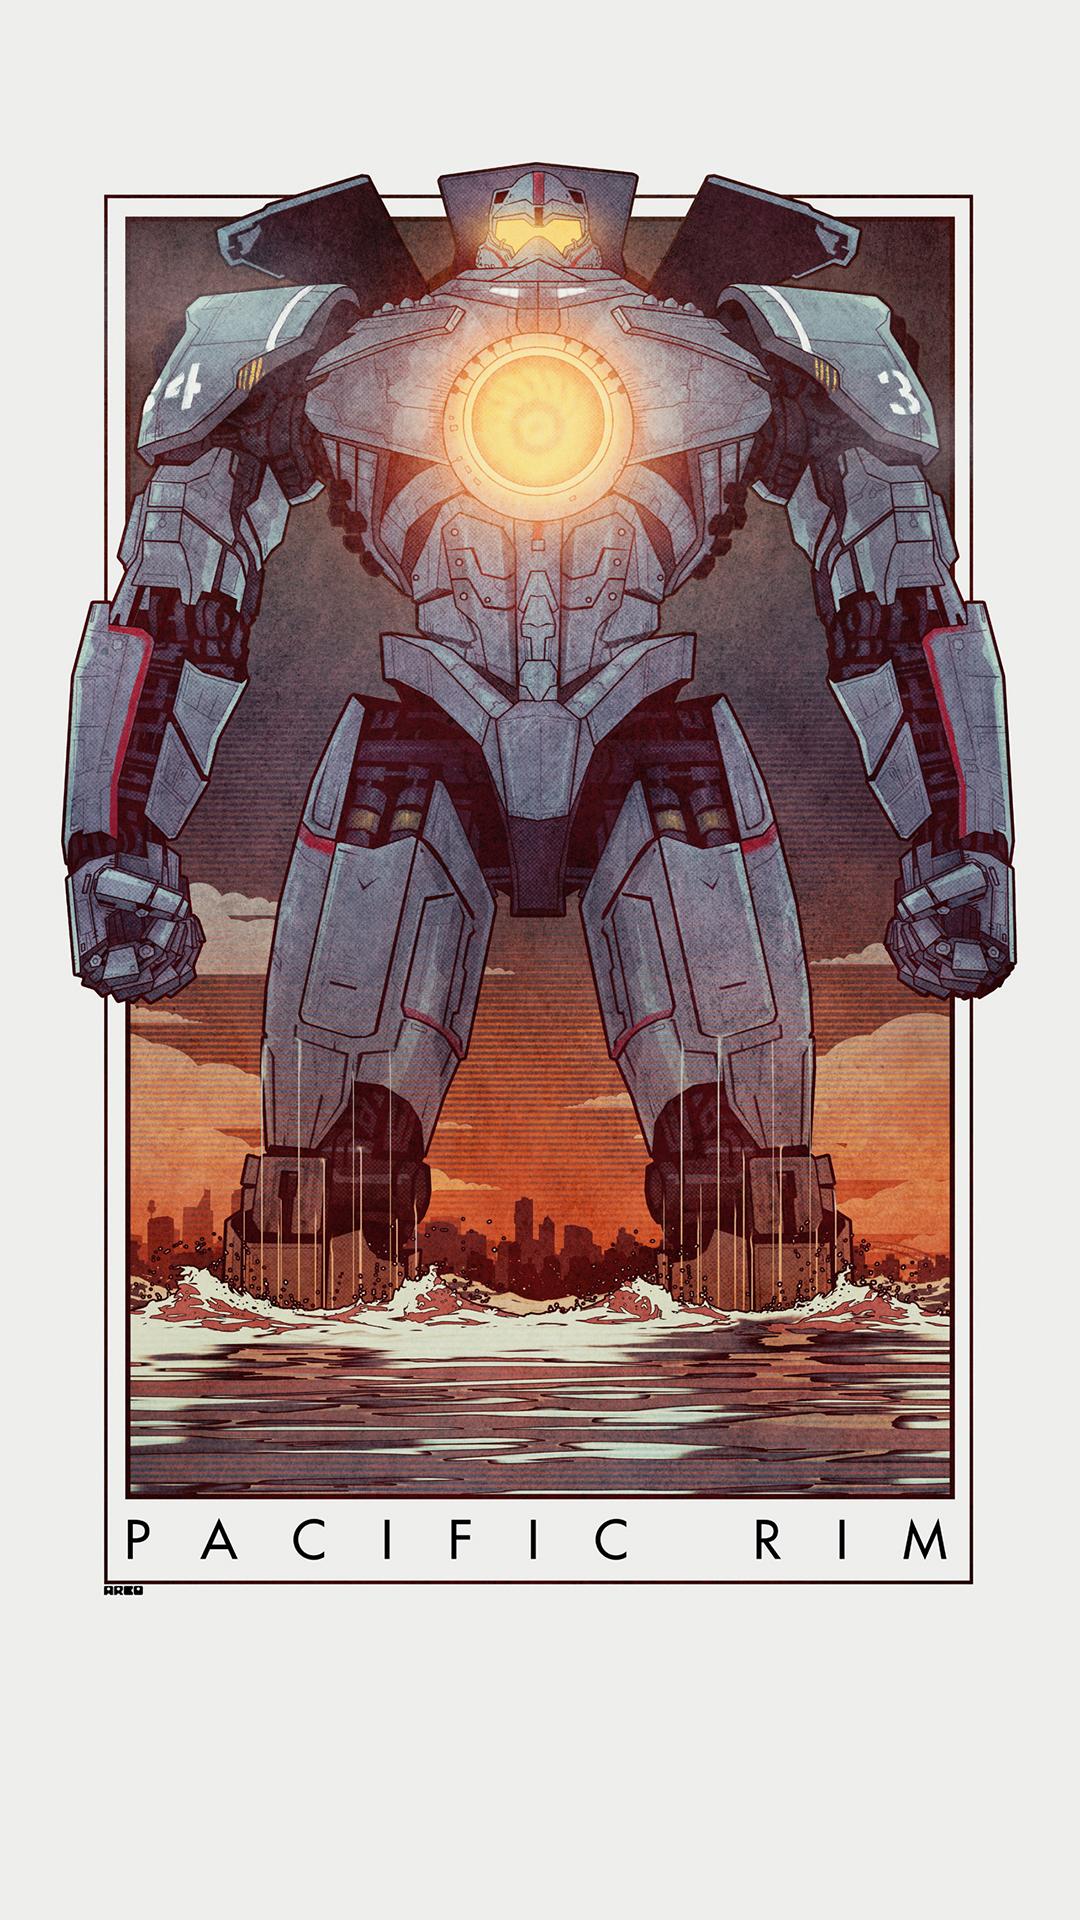 Breaking Bad Hd Iphone Wallpaper Pacific Rim Robot Cartoon Best Htc One Wallpapers 1080x1920